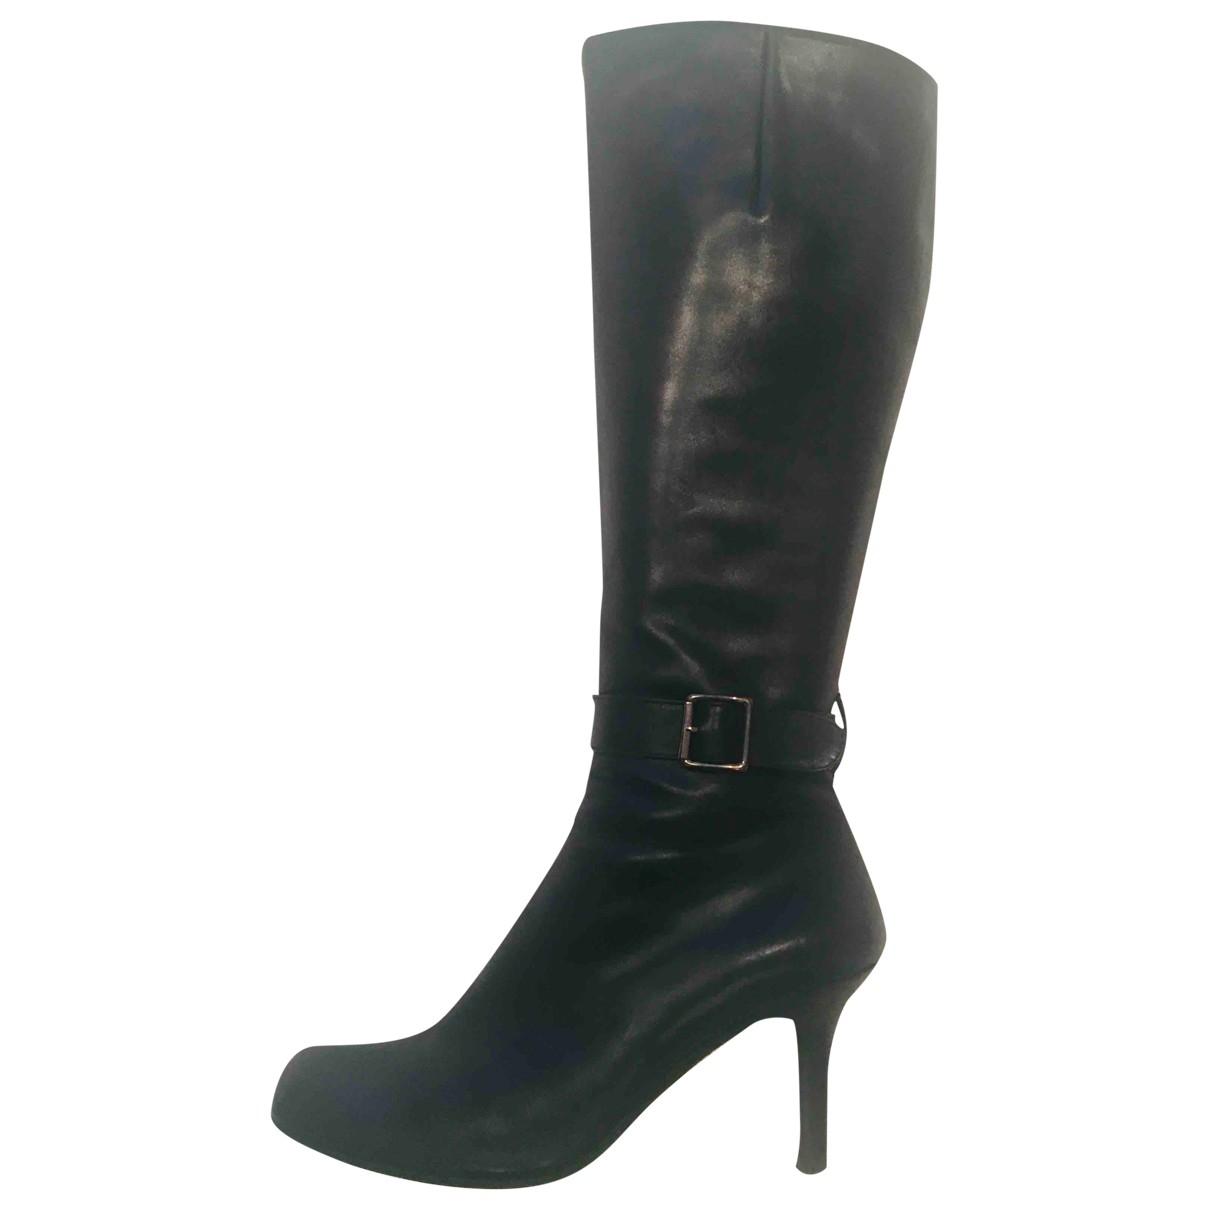 Dkny - Bottes   pour femme en cuir - noir